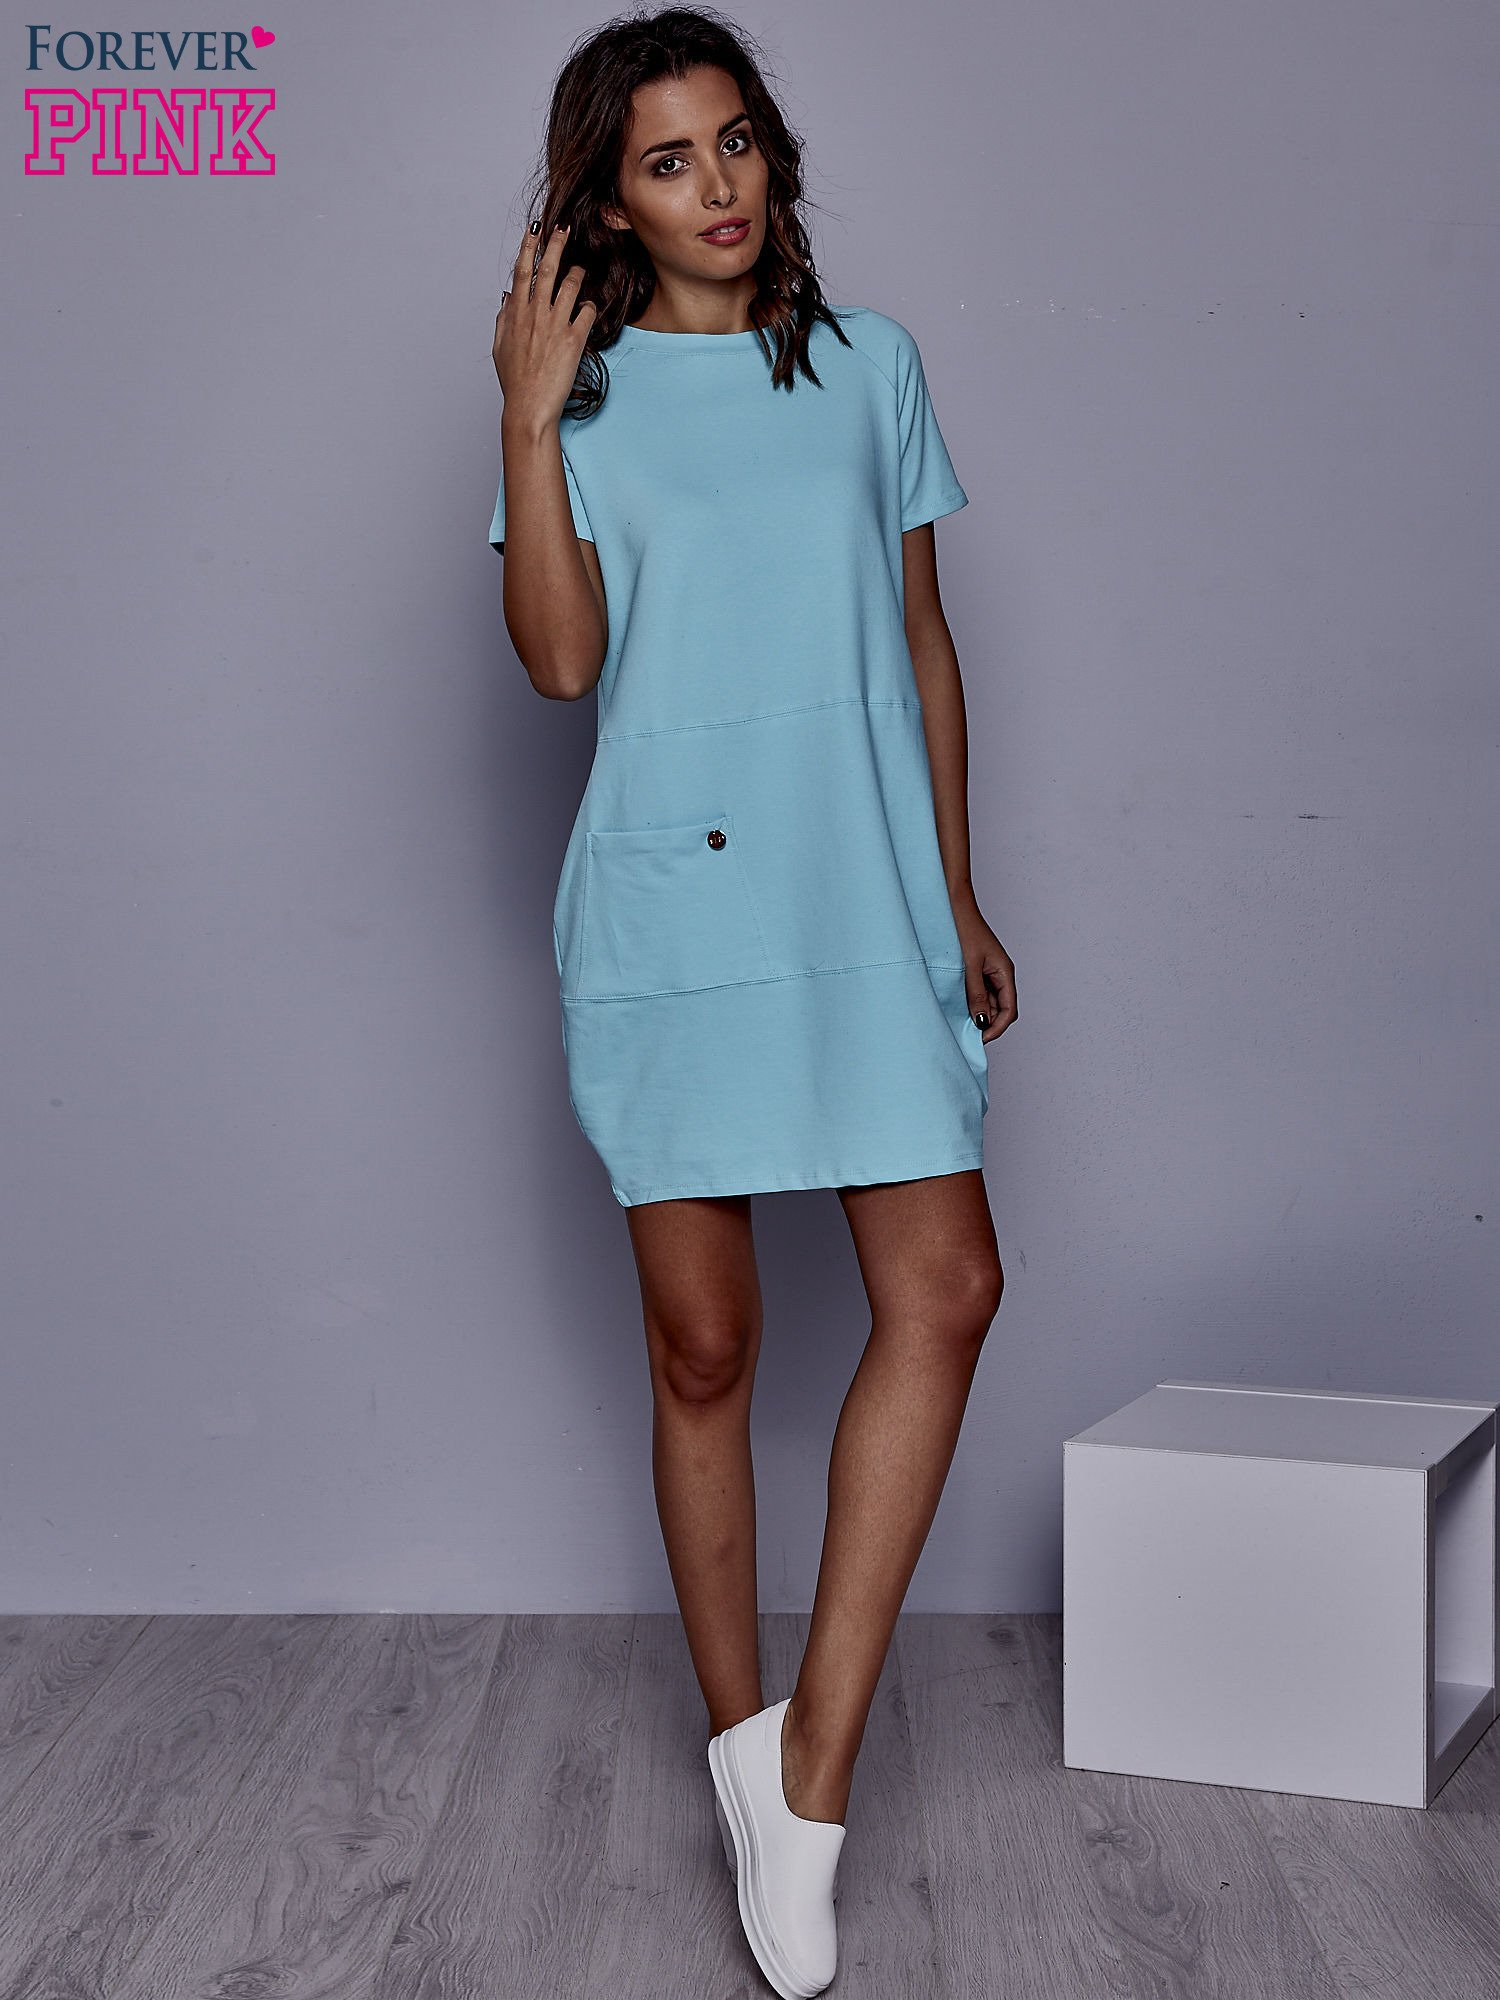 Turkusowa sukienka dresowa z kieszenią z boku                                  zdj.                                  4